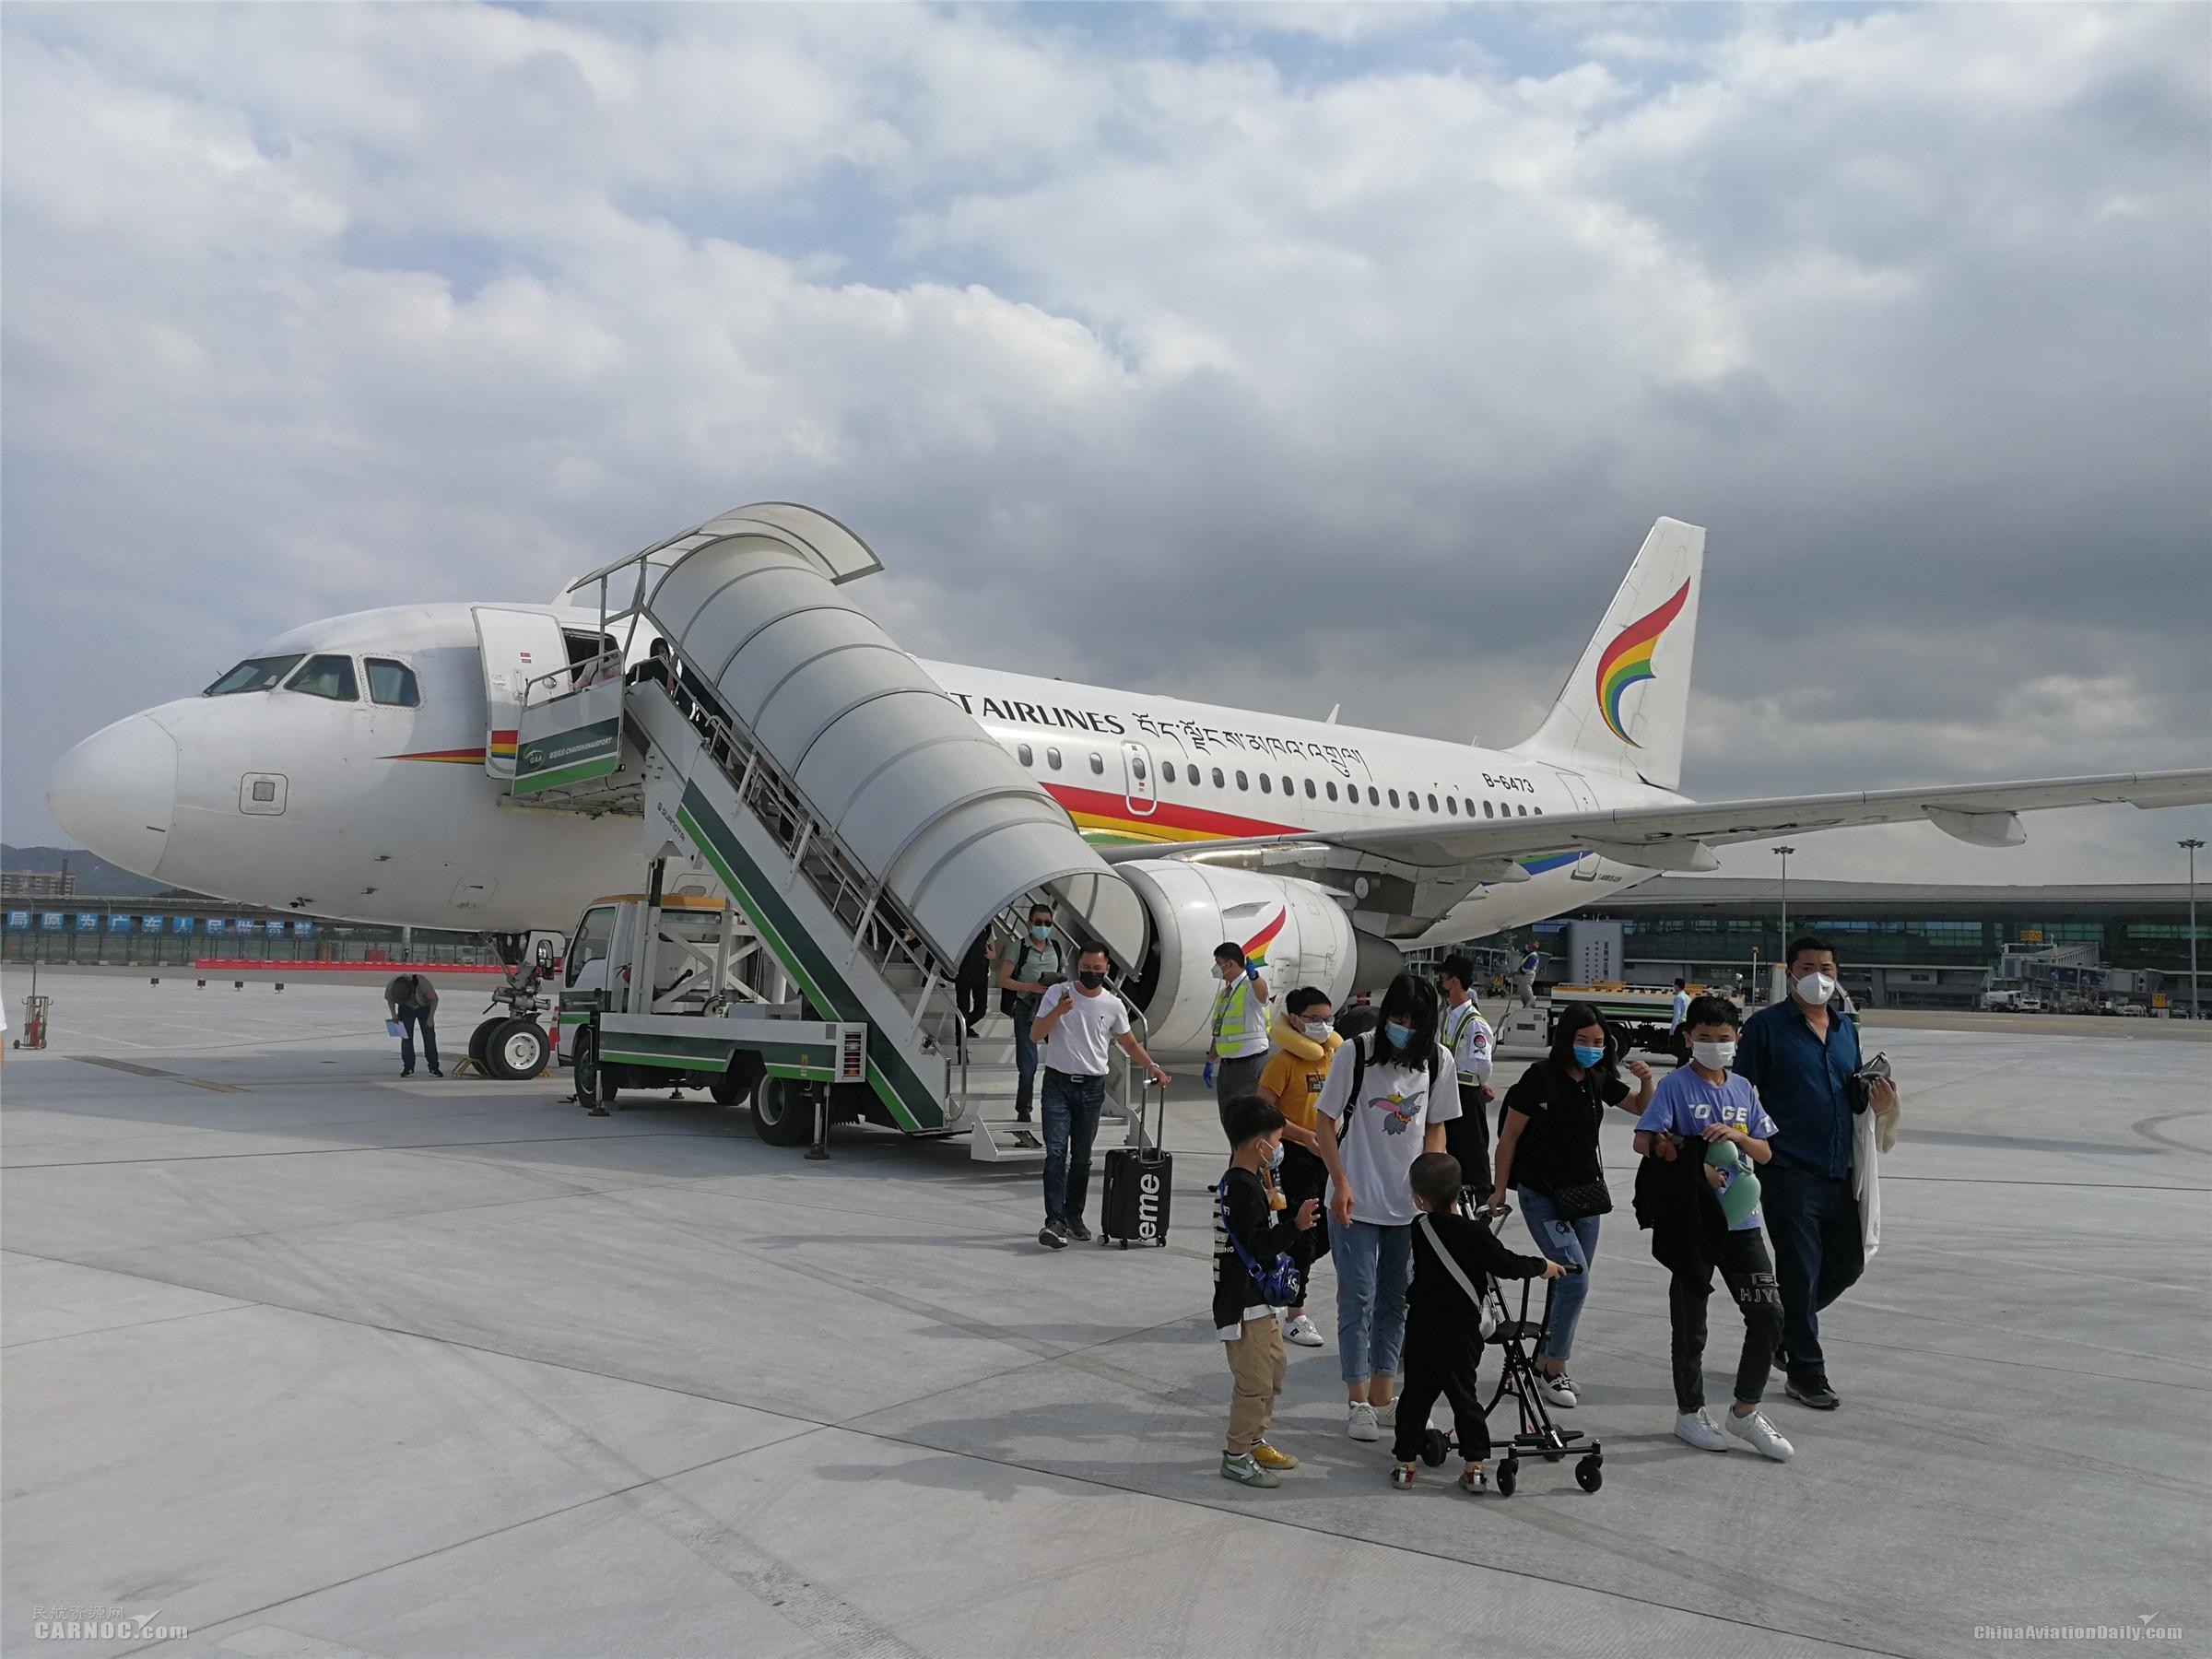 雪域天路变通途 潮汕机场开通直达拉萨航线